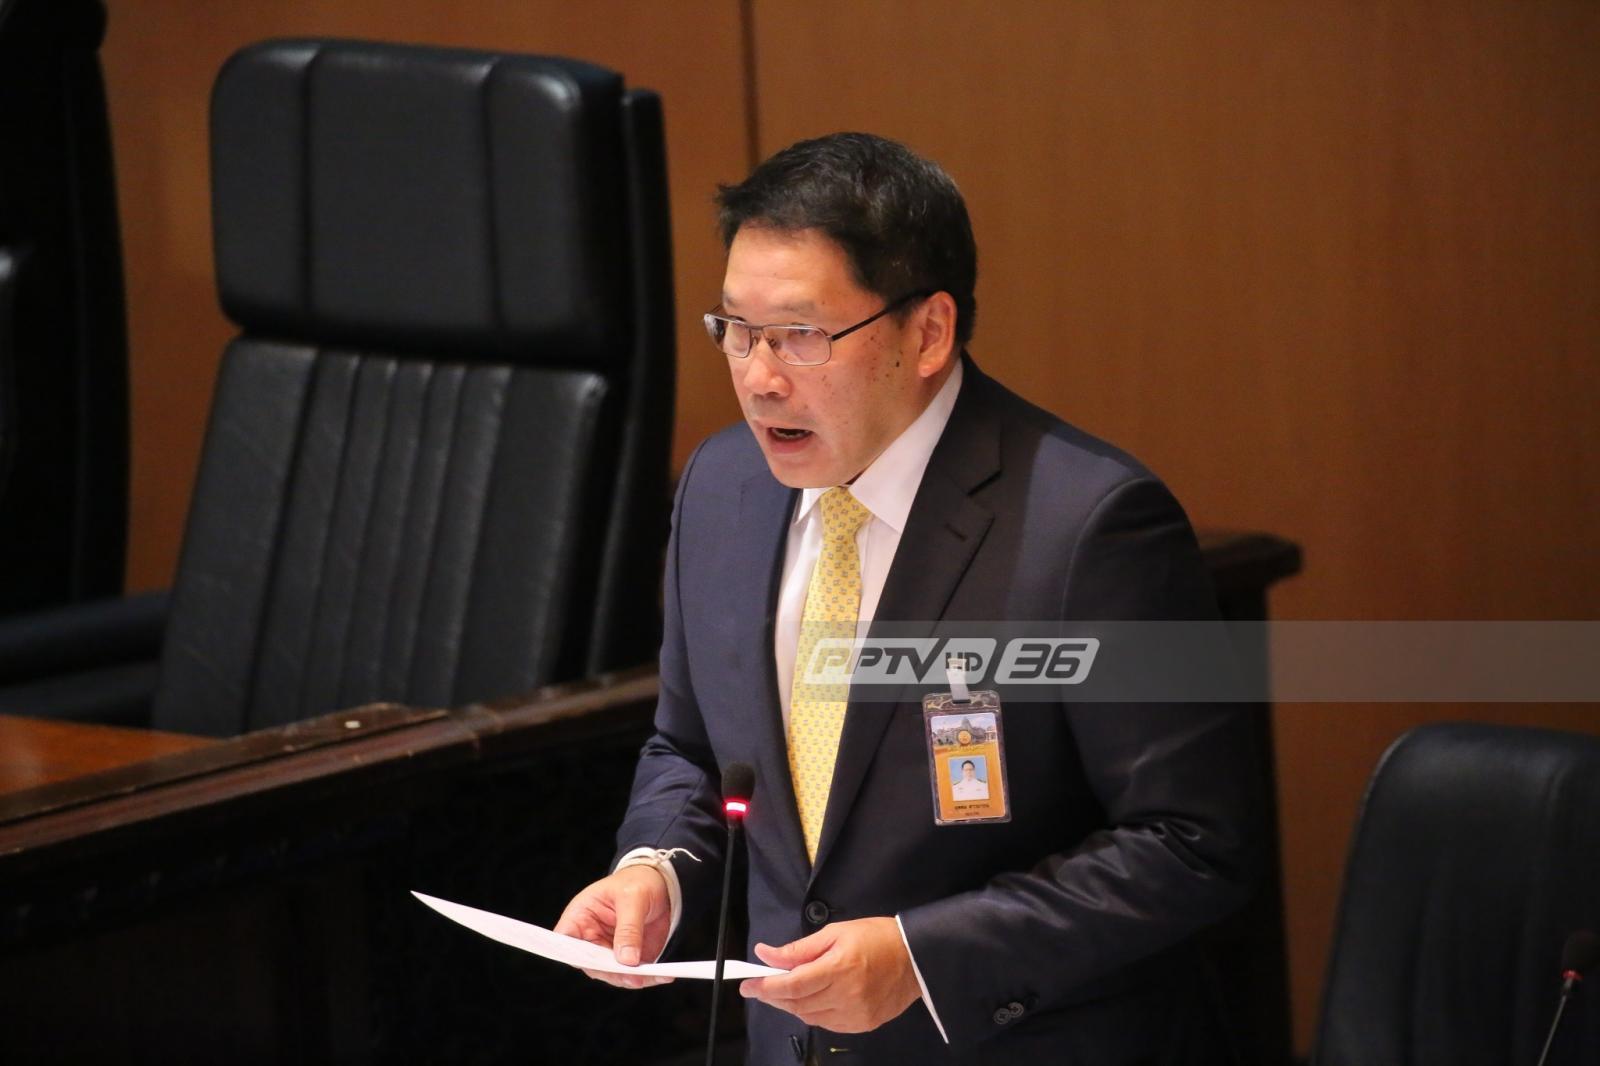 """""""คลัง"""" เร่งรัฐวิสาหกิจ ใช้งบลงทุนให้ทันสิ้นปี อีก 1.3 แสนล้าน  """"สมคิด"""" ชี้ช่วยพยุงเศรษฐกิจไทย"""